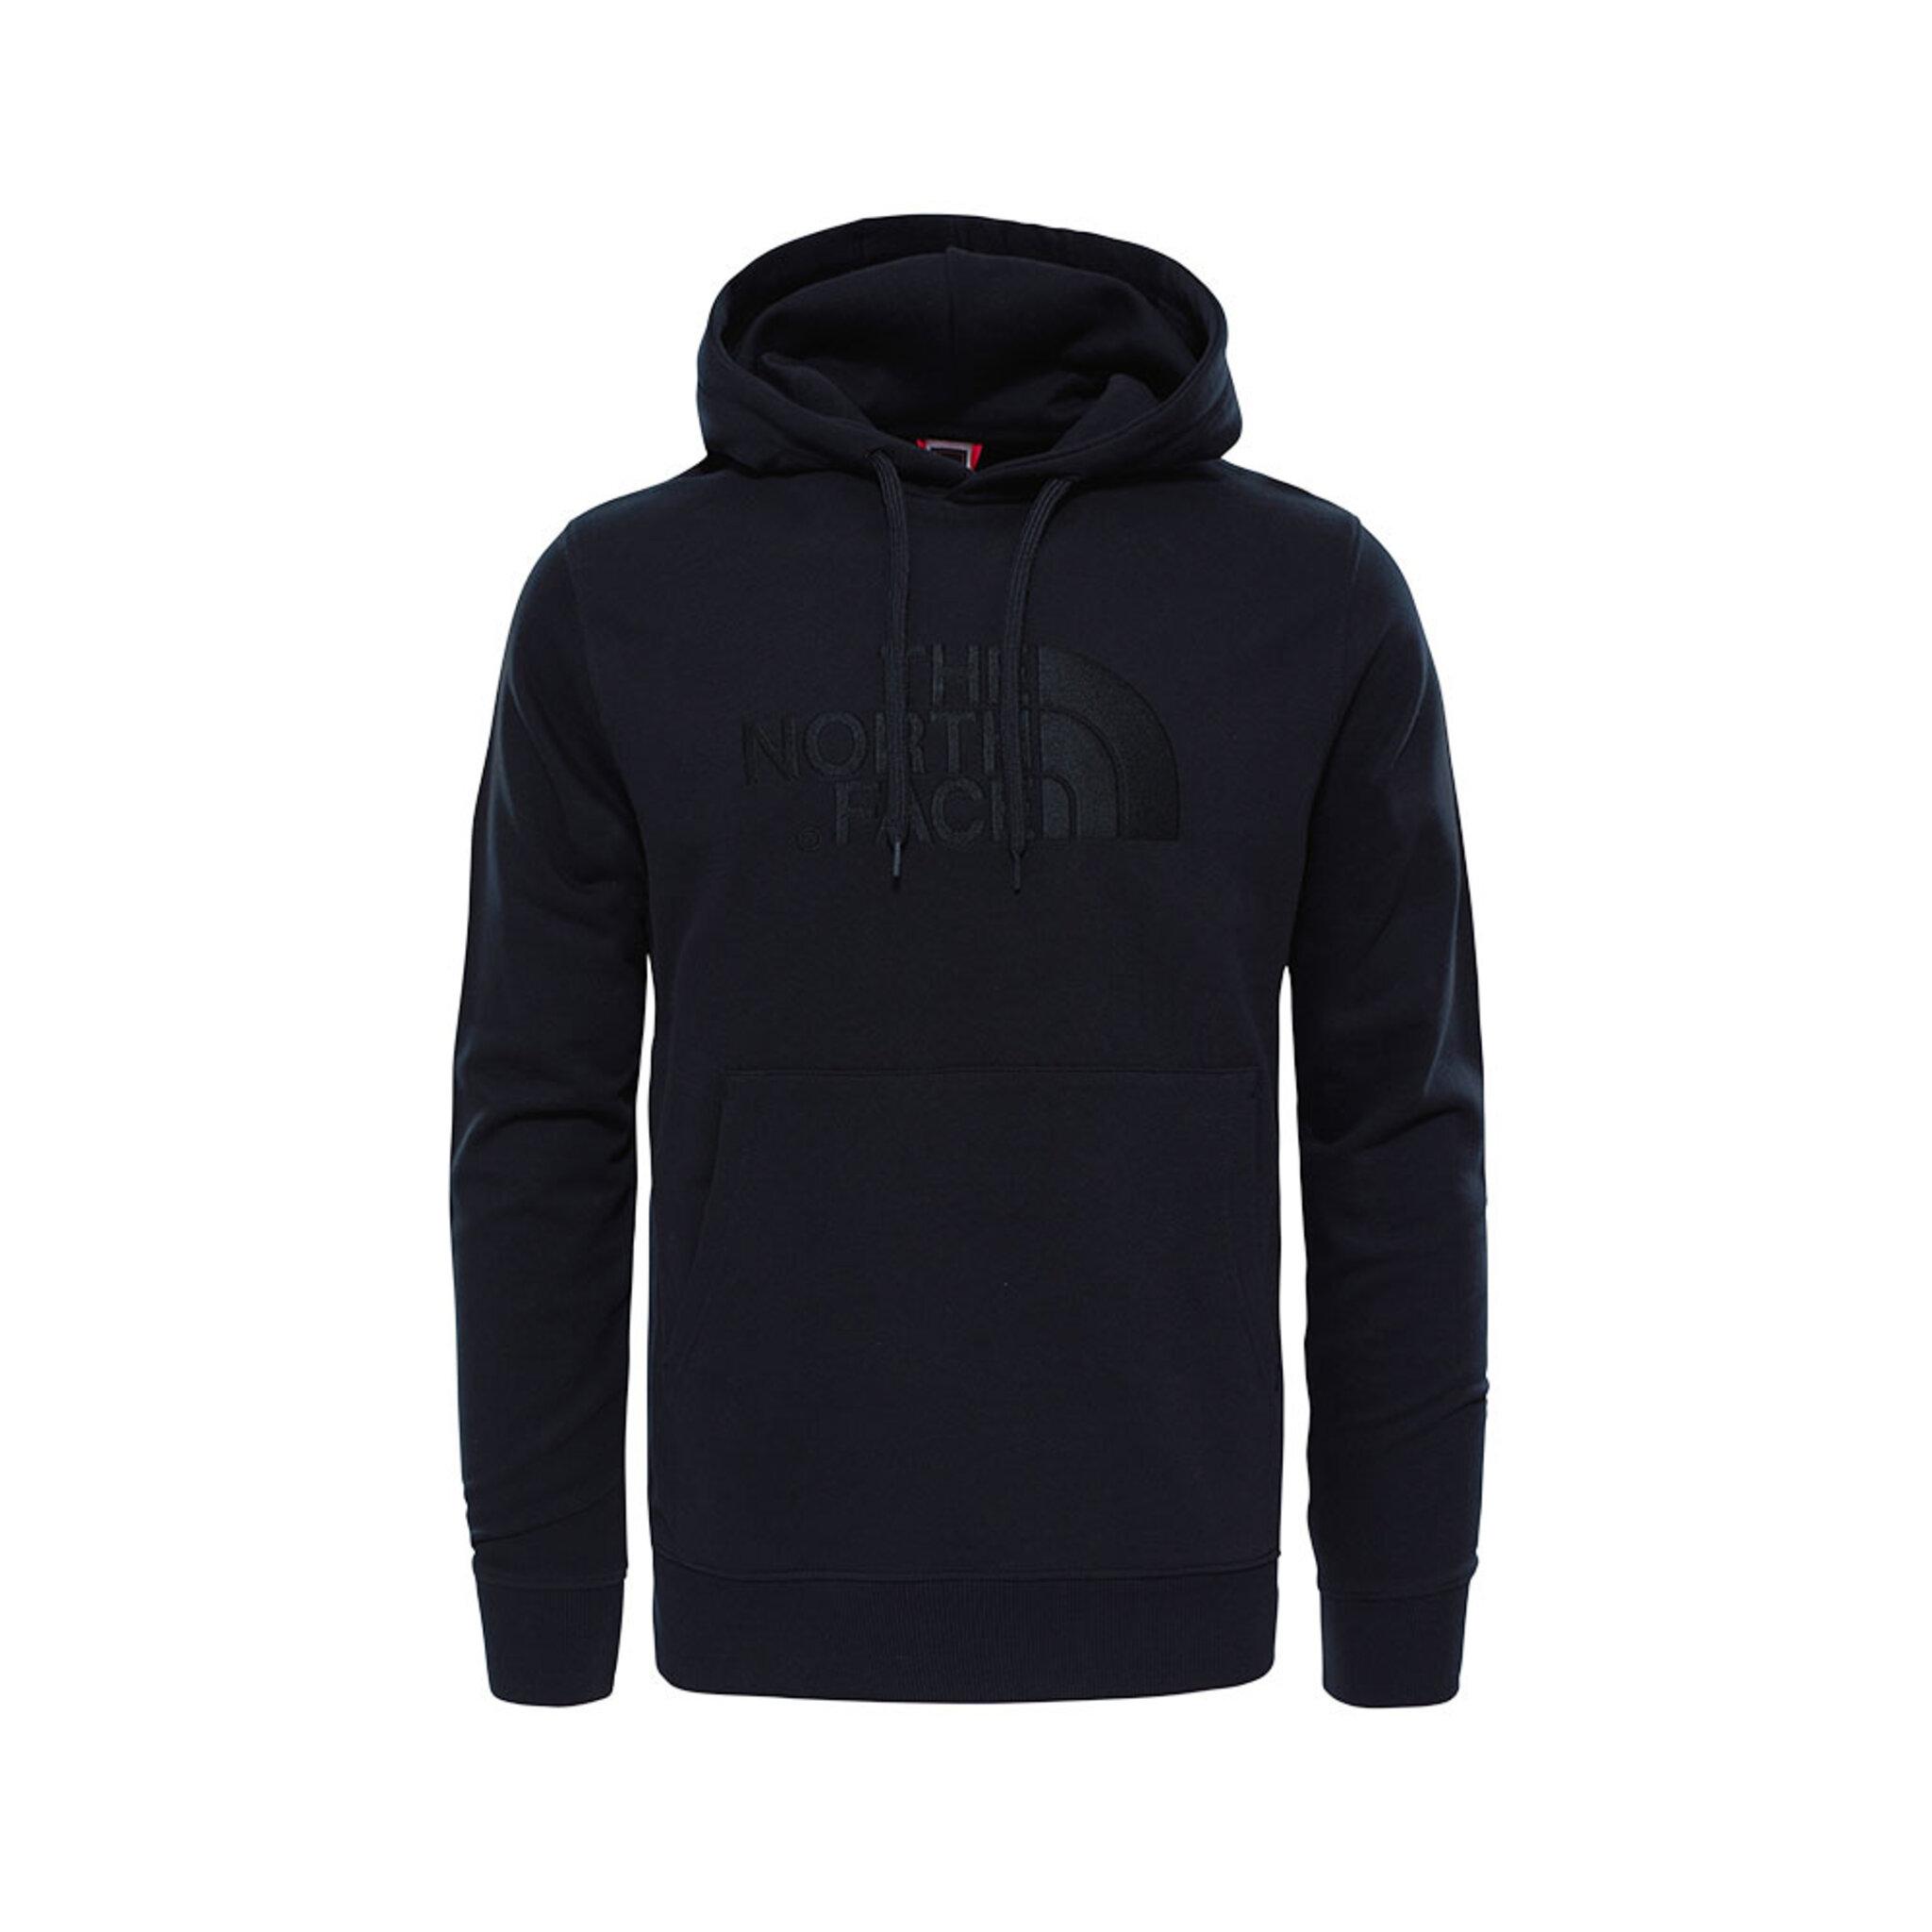 Light Drew Peak pullover hoodie